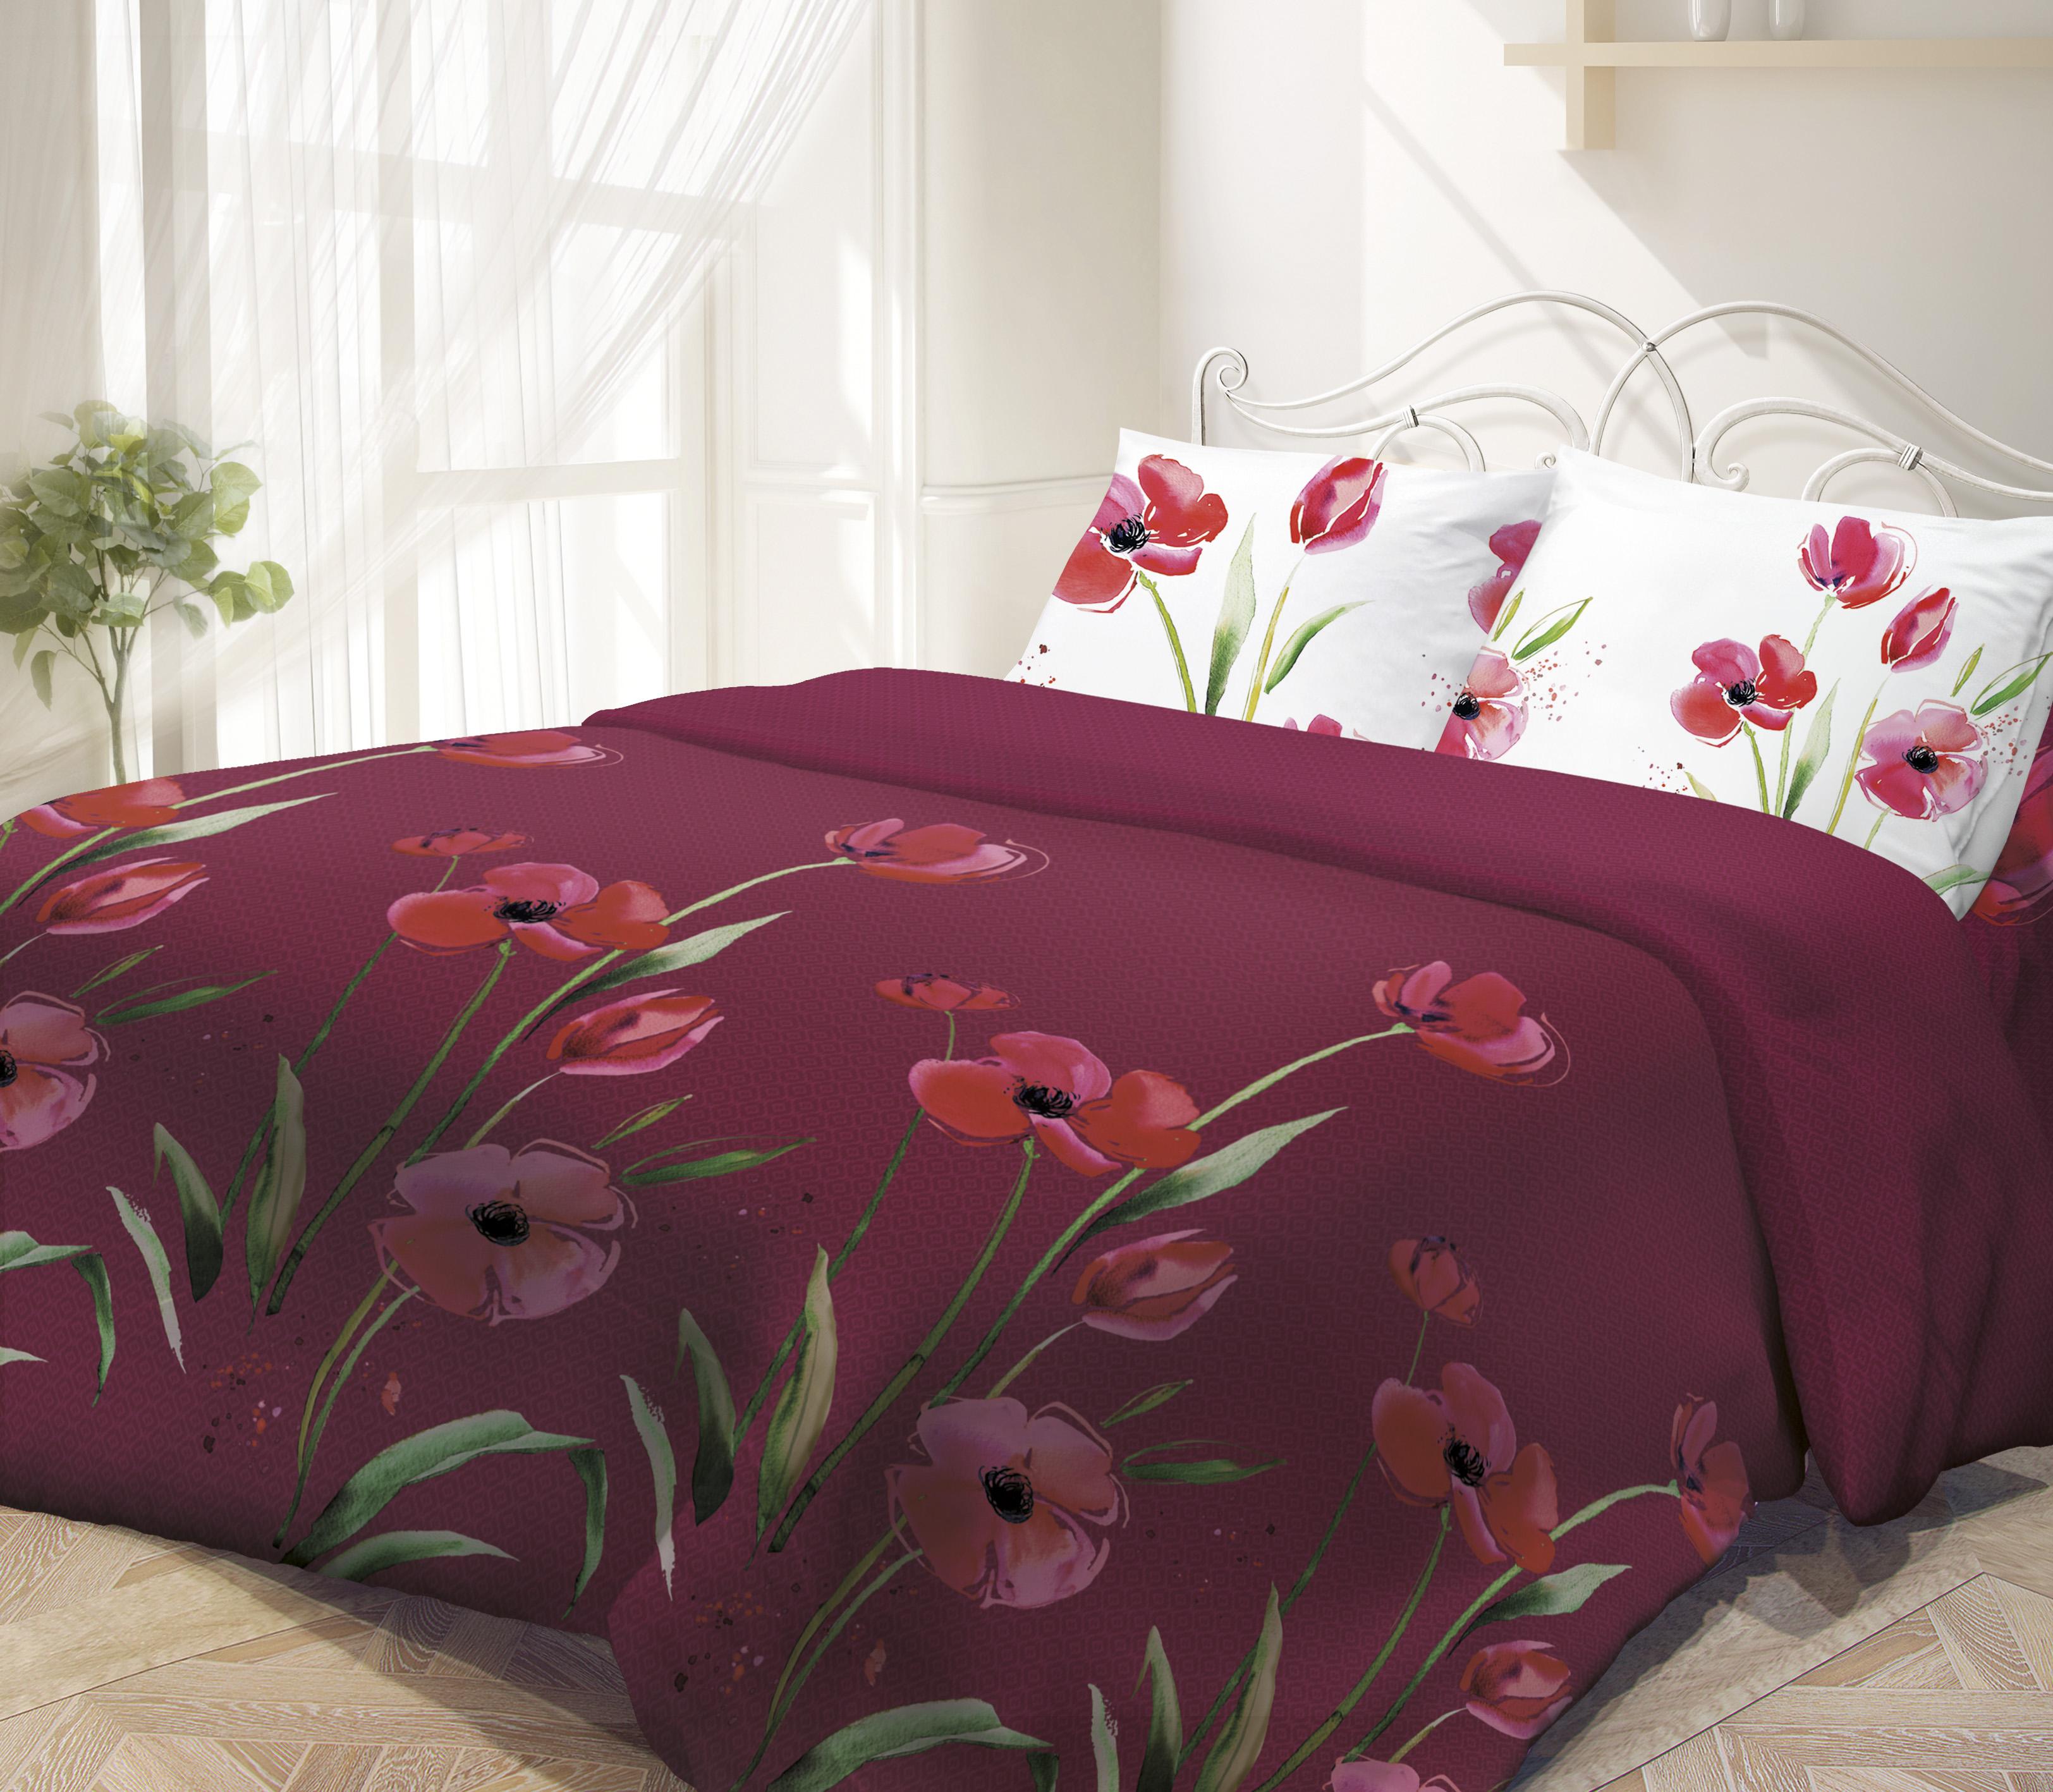 Комплект белья Гармония Маки, 1,5-спальное, наволочки 70х70. 187384